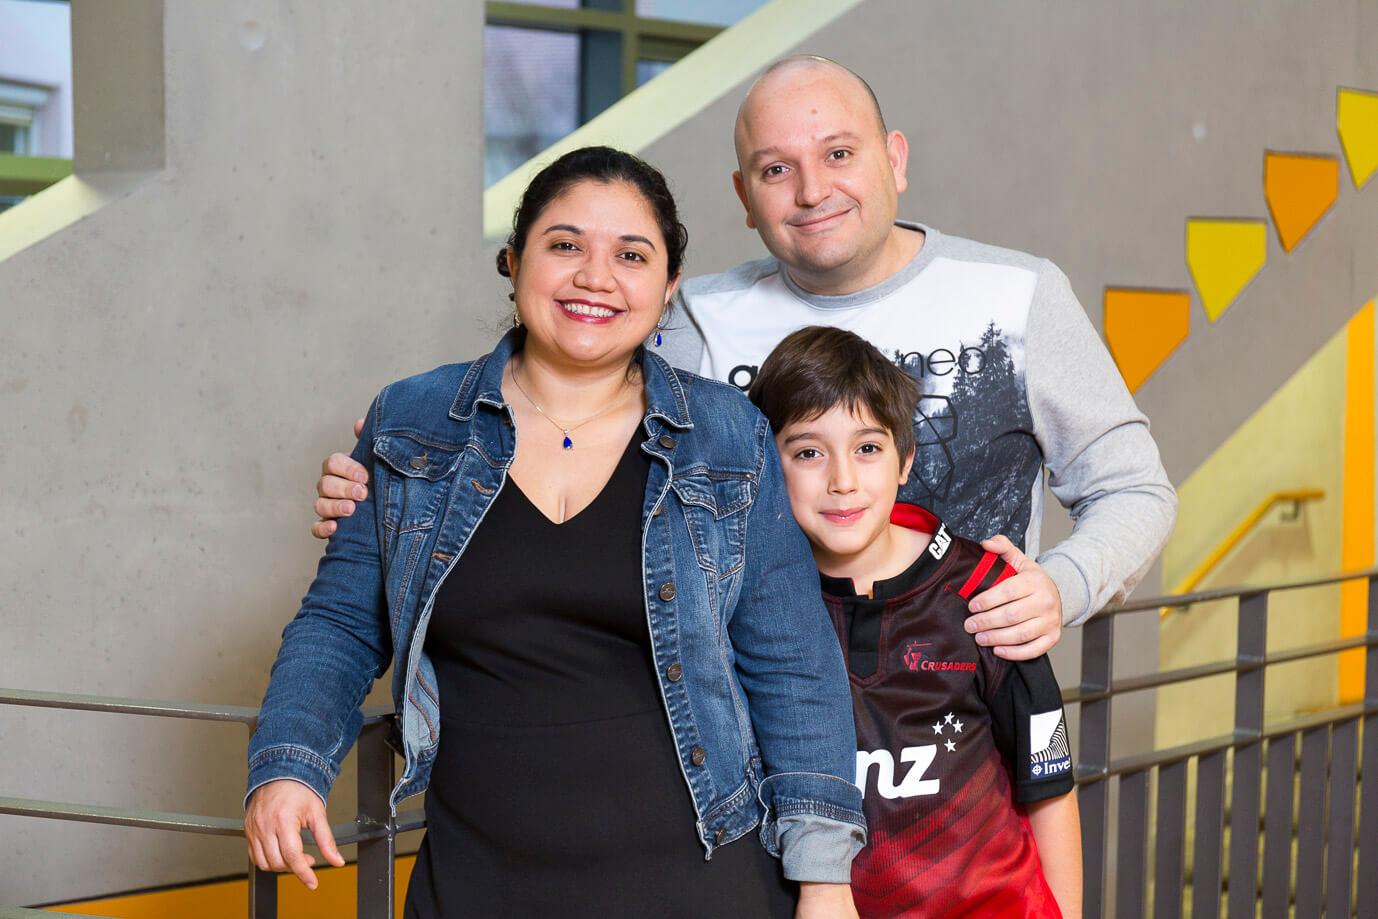 Montessori-Schüler mit seinen Eltern